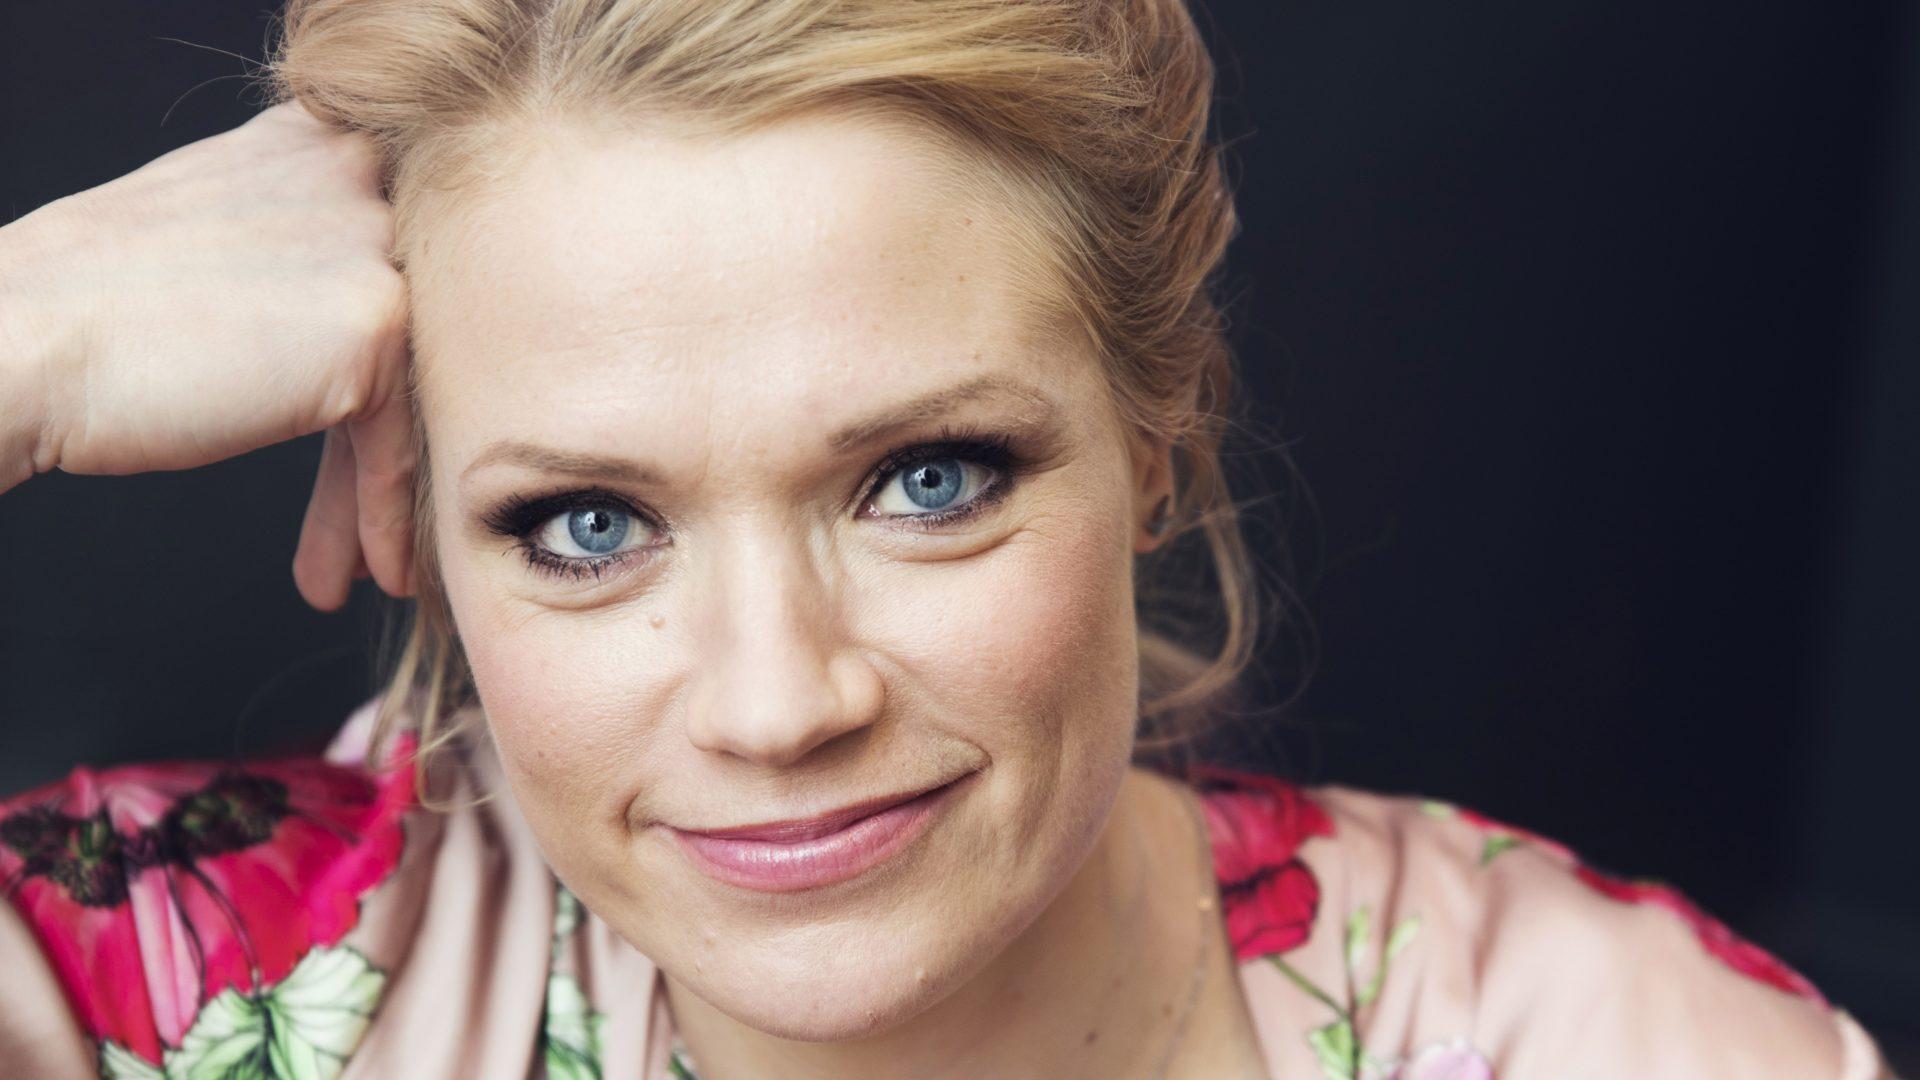 Kun koronakriisi alkoi, Maaret Kallio kertoi omille lapsilleen, että luvassa on tylsyyttä ja hermojen kiristymistä, mutta siitä selvitään.